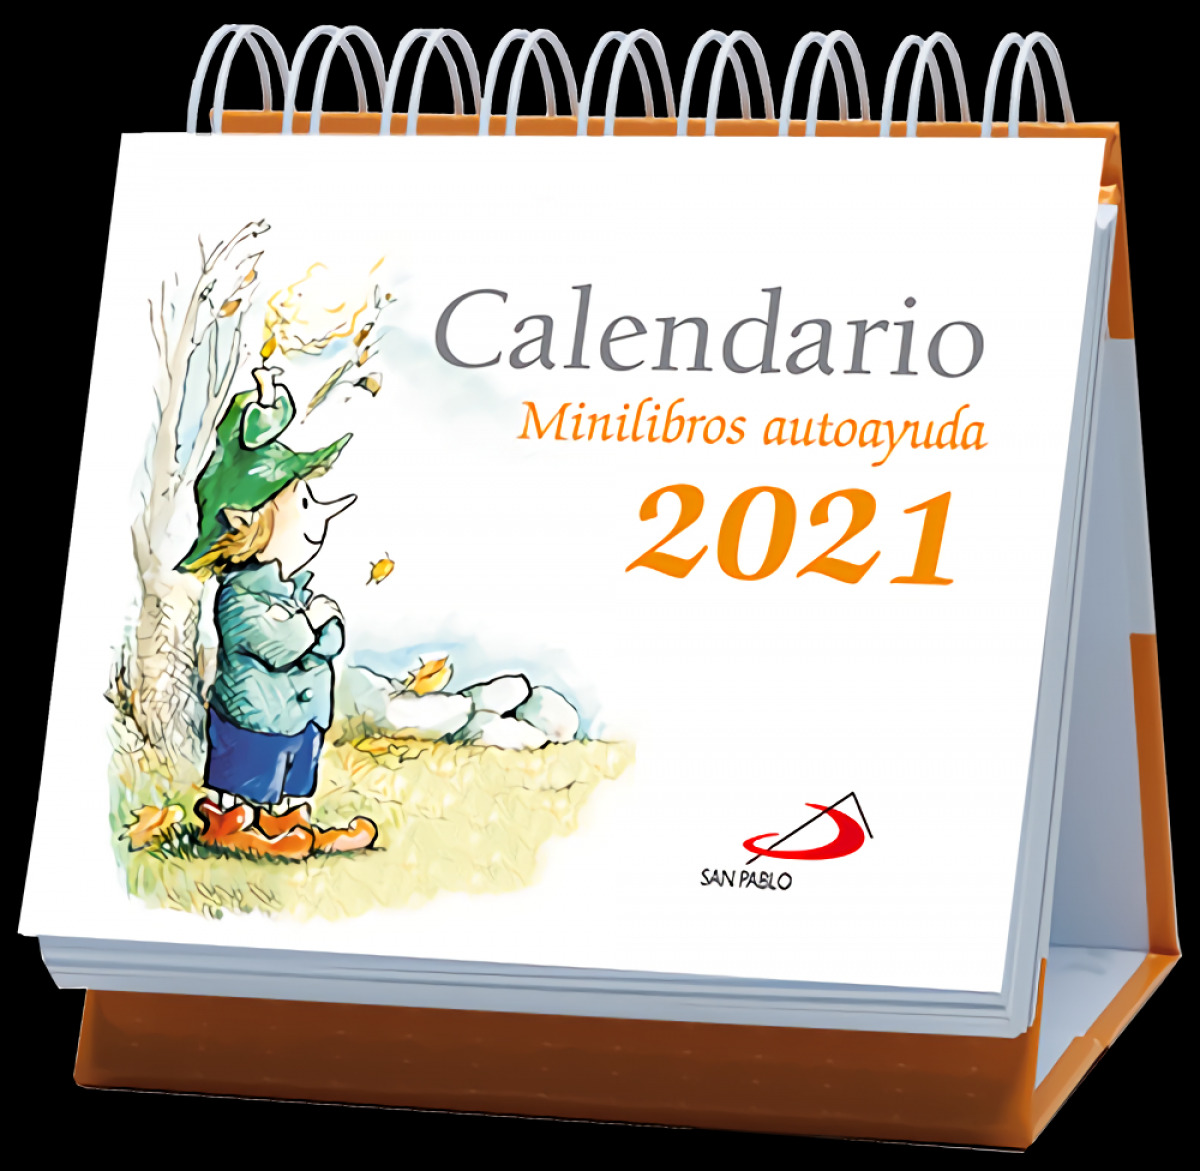 Calendario de mesa Minilibros autoayuda 2021